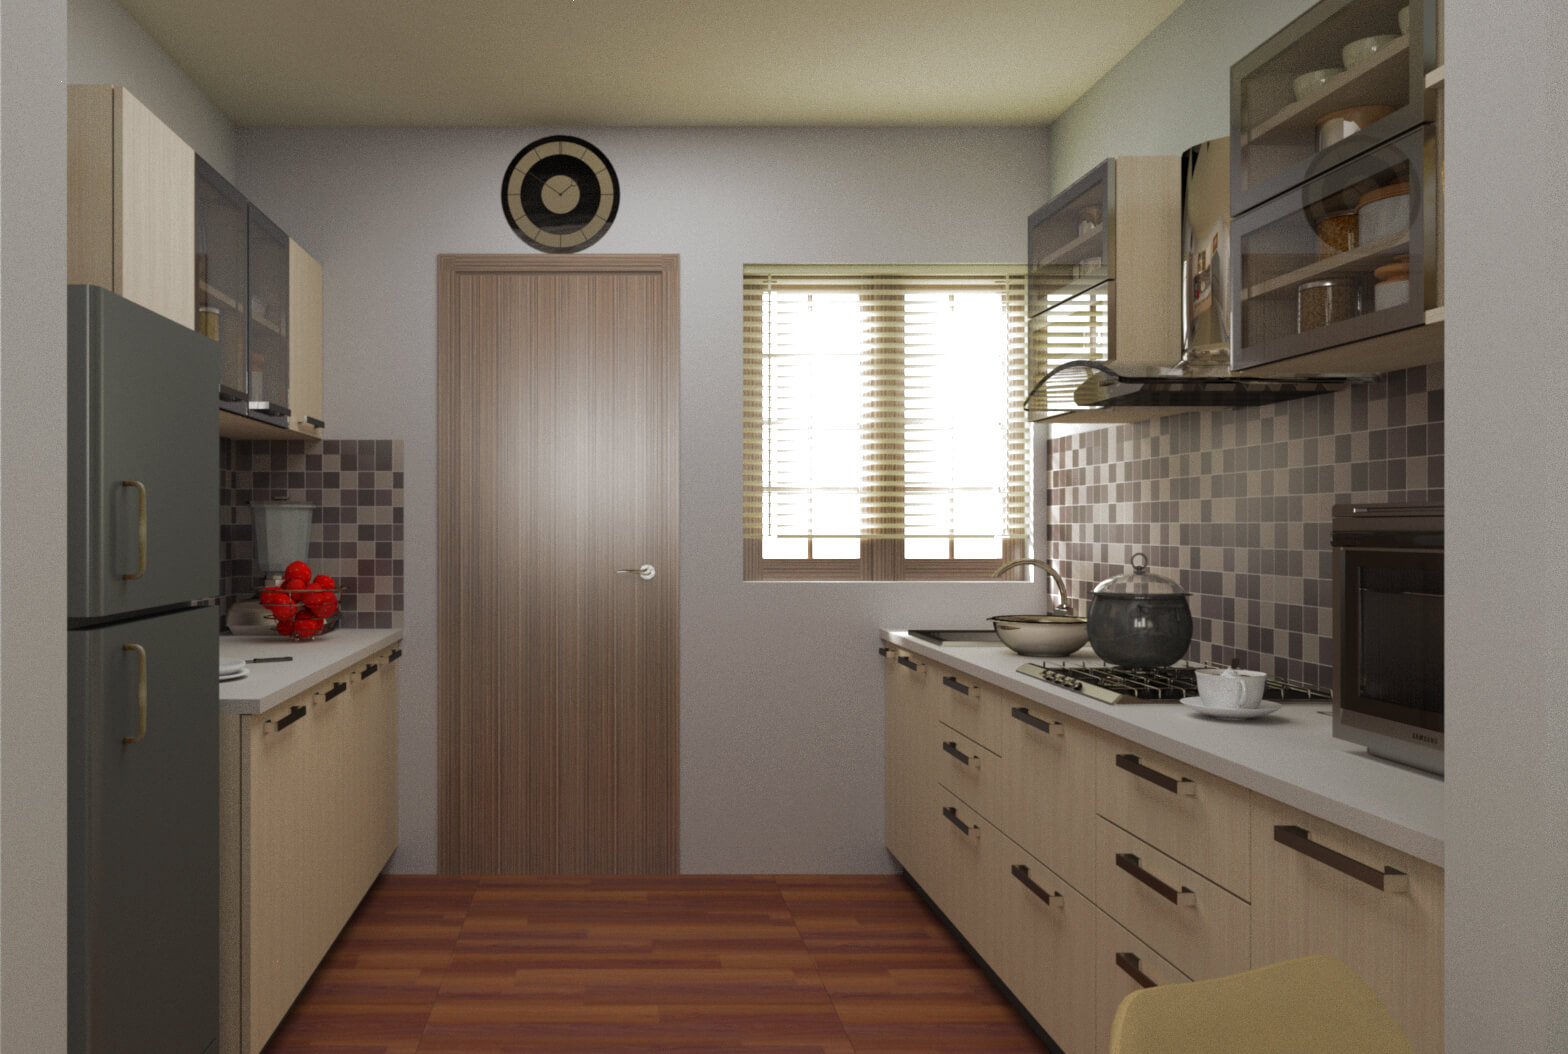 Parallel Modular Kitchens